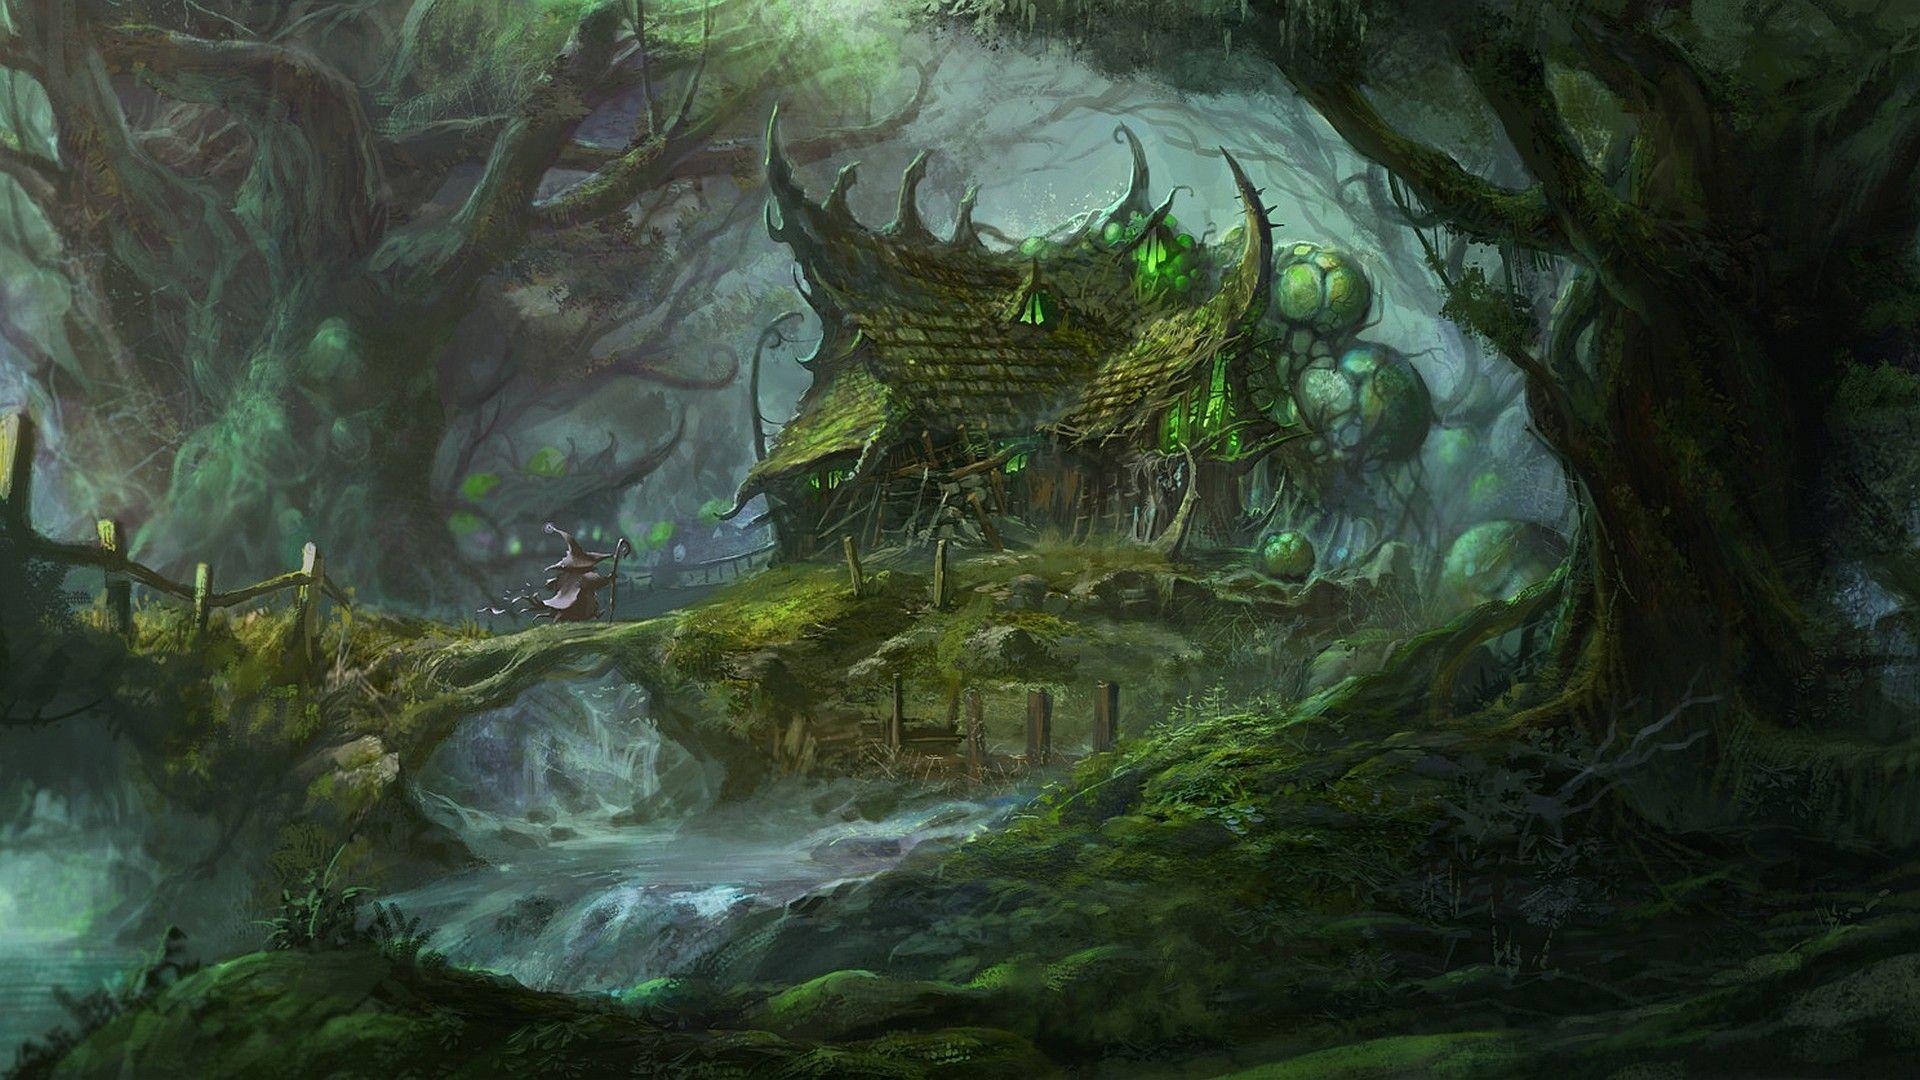 1920x1080 Fantasy Forest Wallpaper Fantasy Forest Forest Art Fantasy Landscape